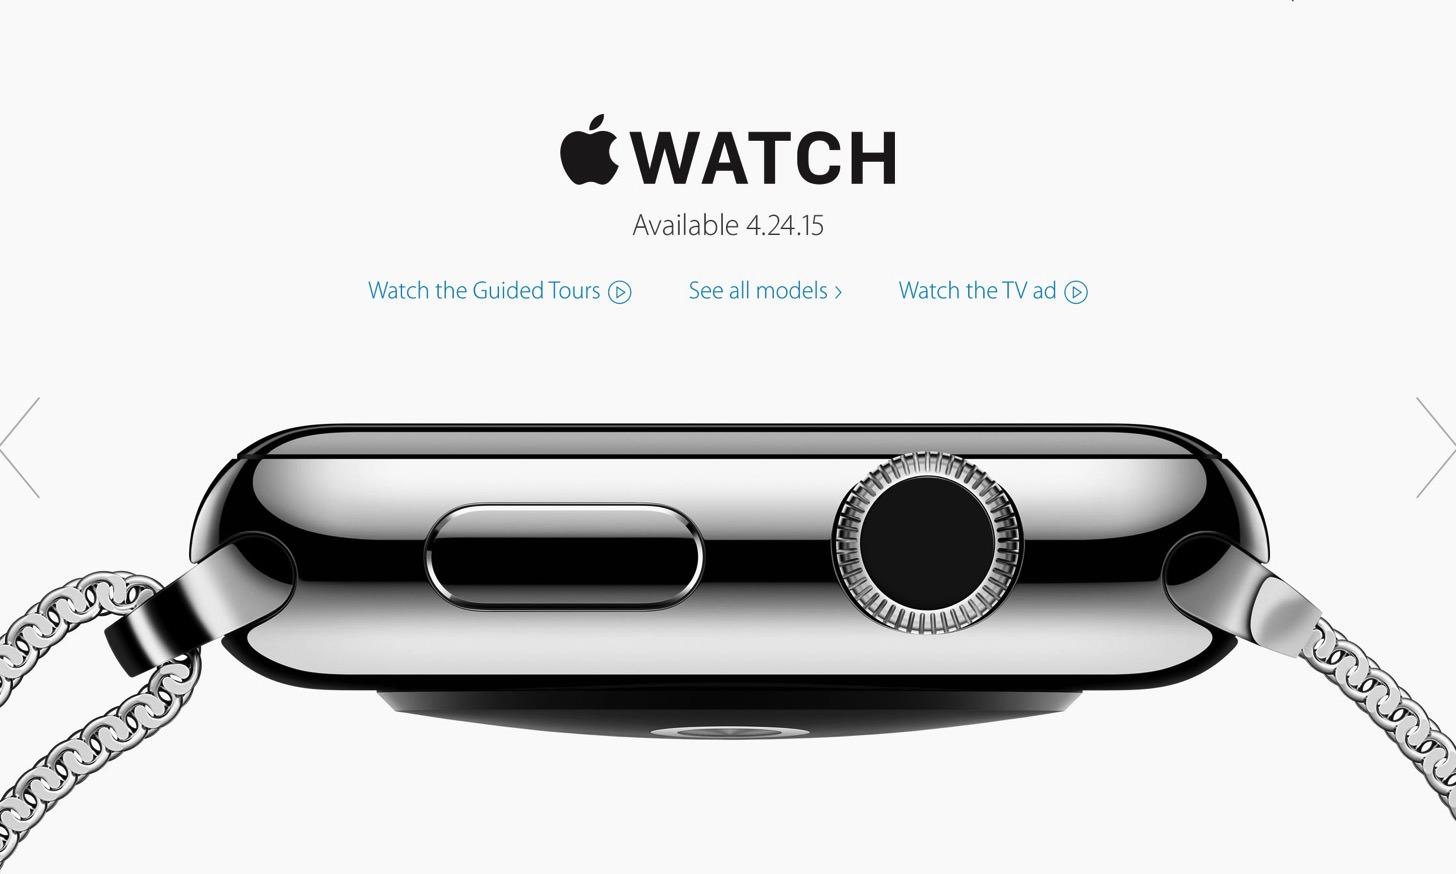 はやくもApple Watchのバンドやフィルム、ケースなどの関連商品が続々と登場!